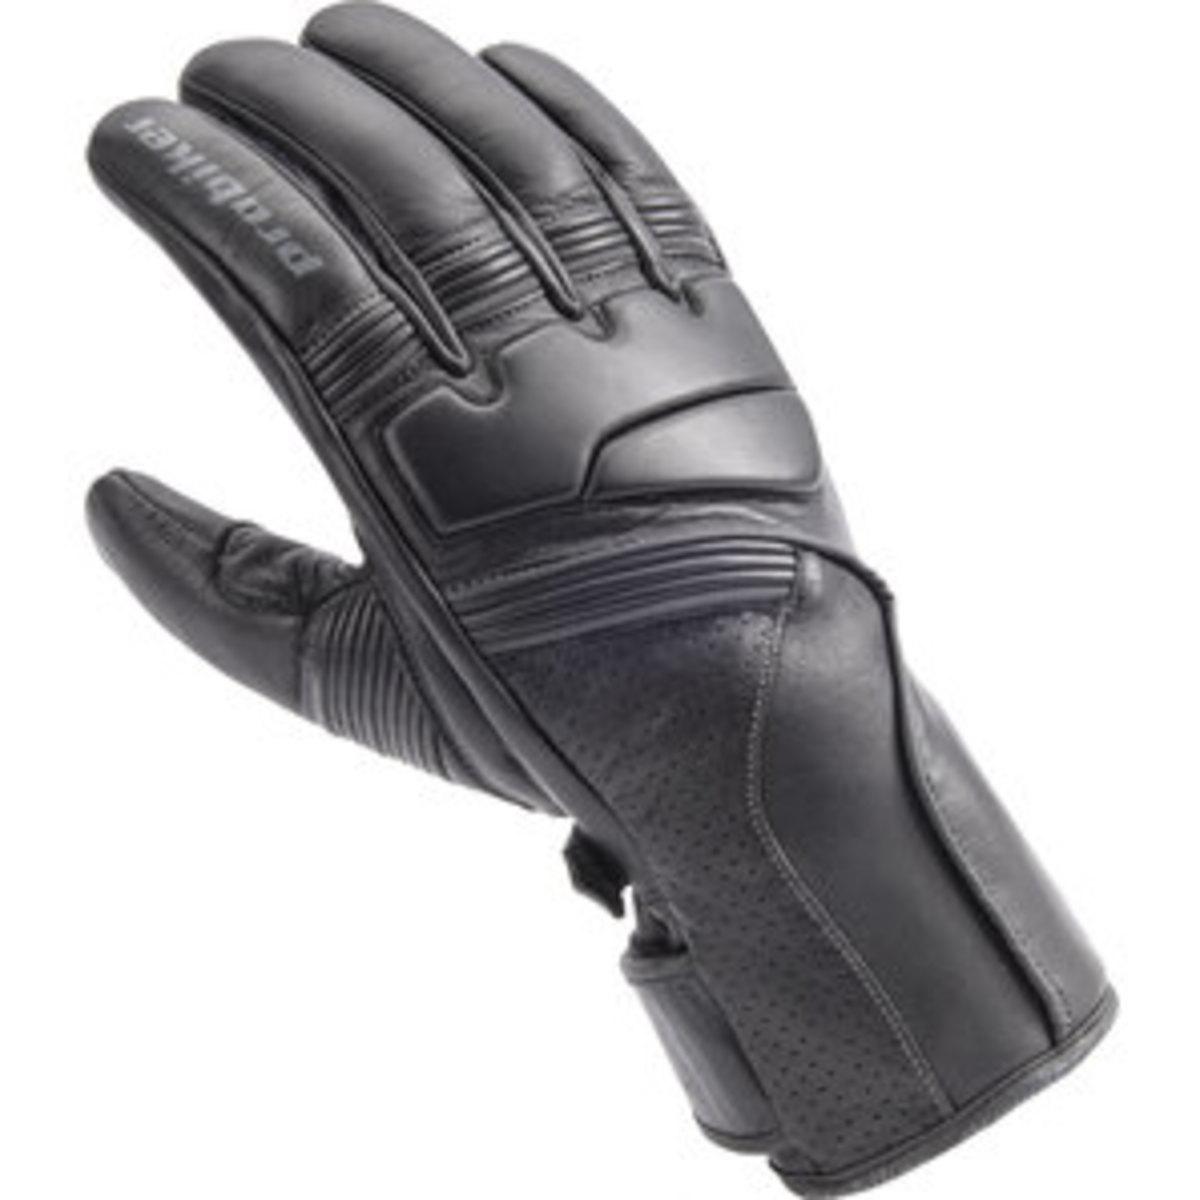 Bild 1 von Probiker Traveler LSE 80        Handschuhe